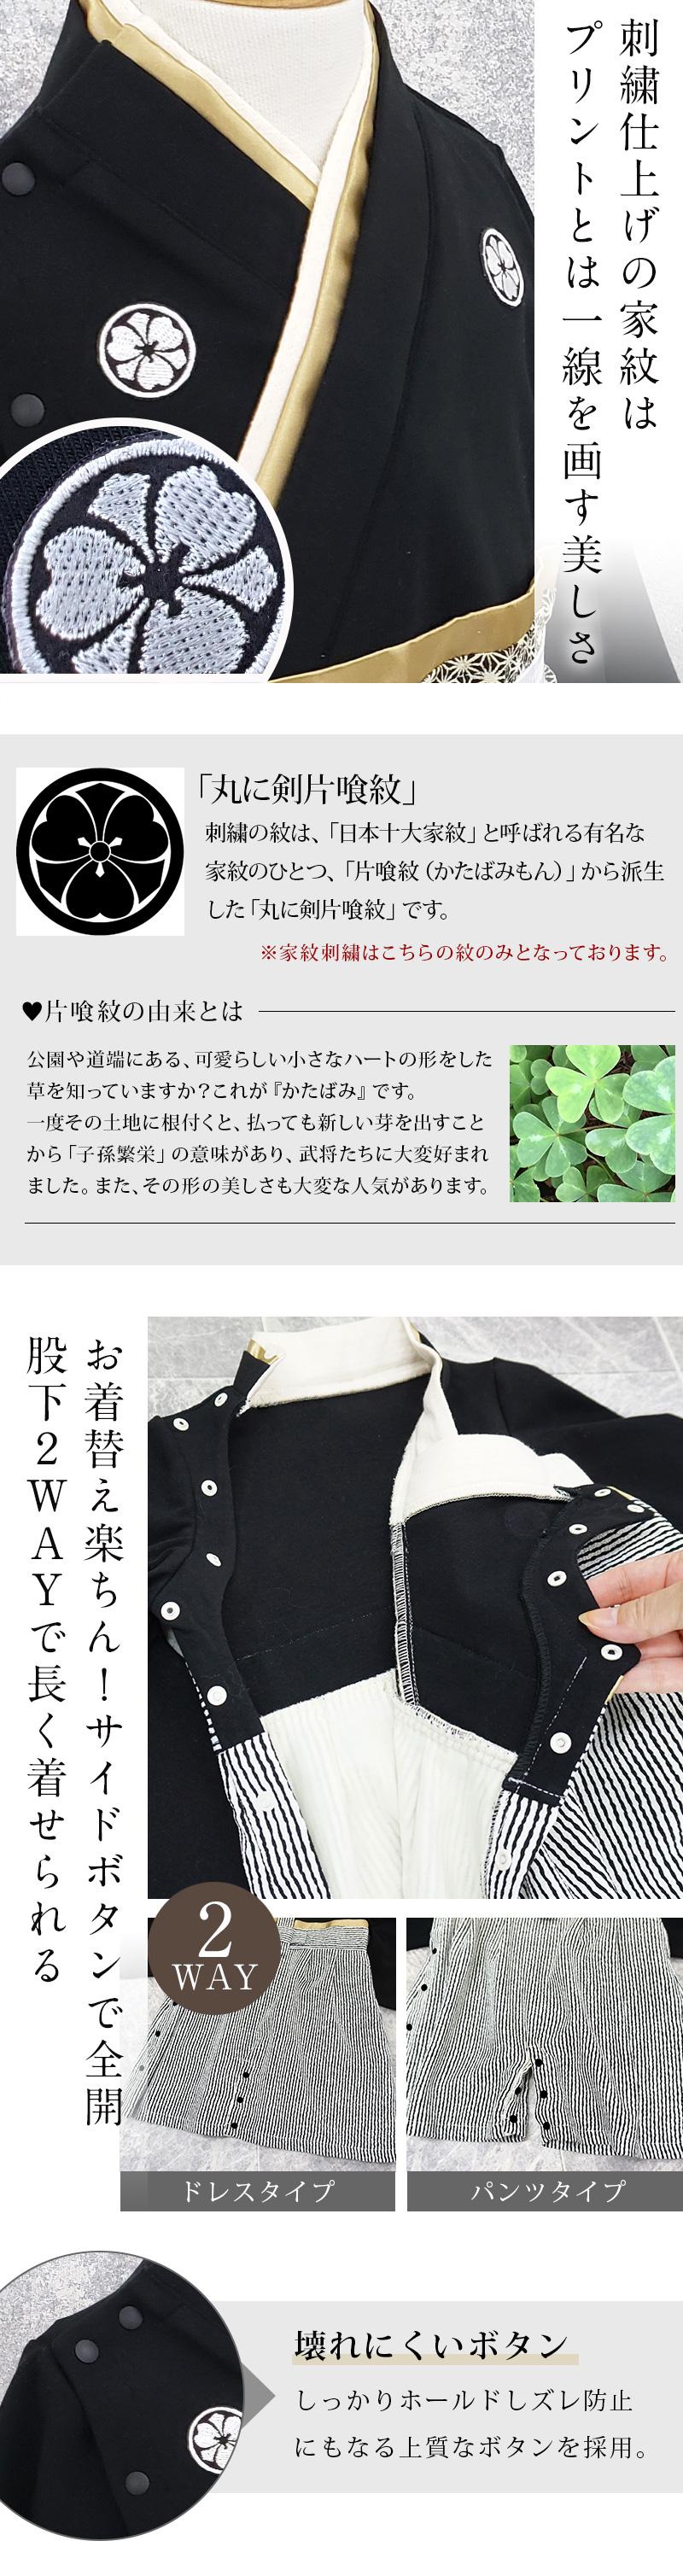 威厳と風格のある、キリリと引き締まった家紋付き袴